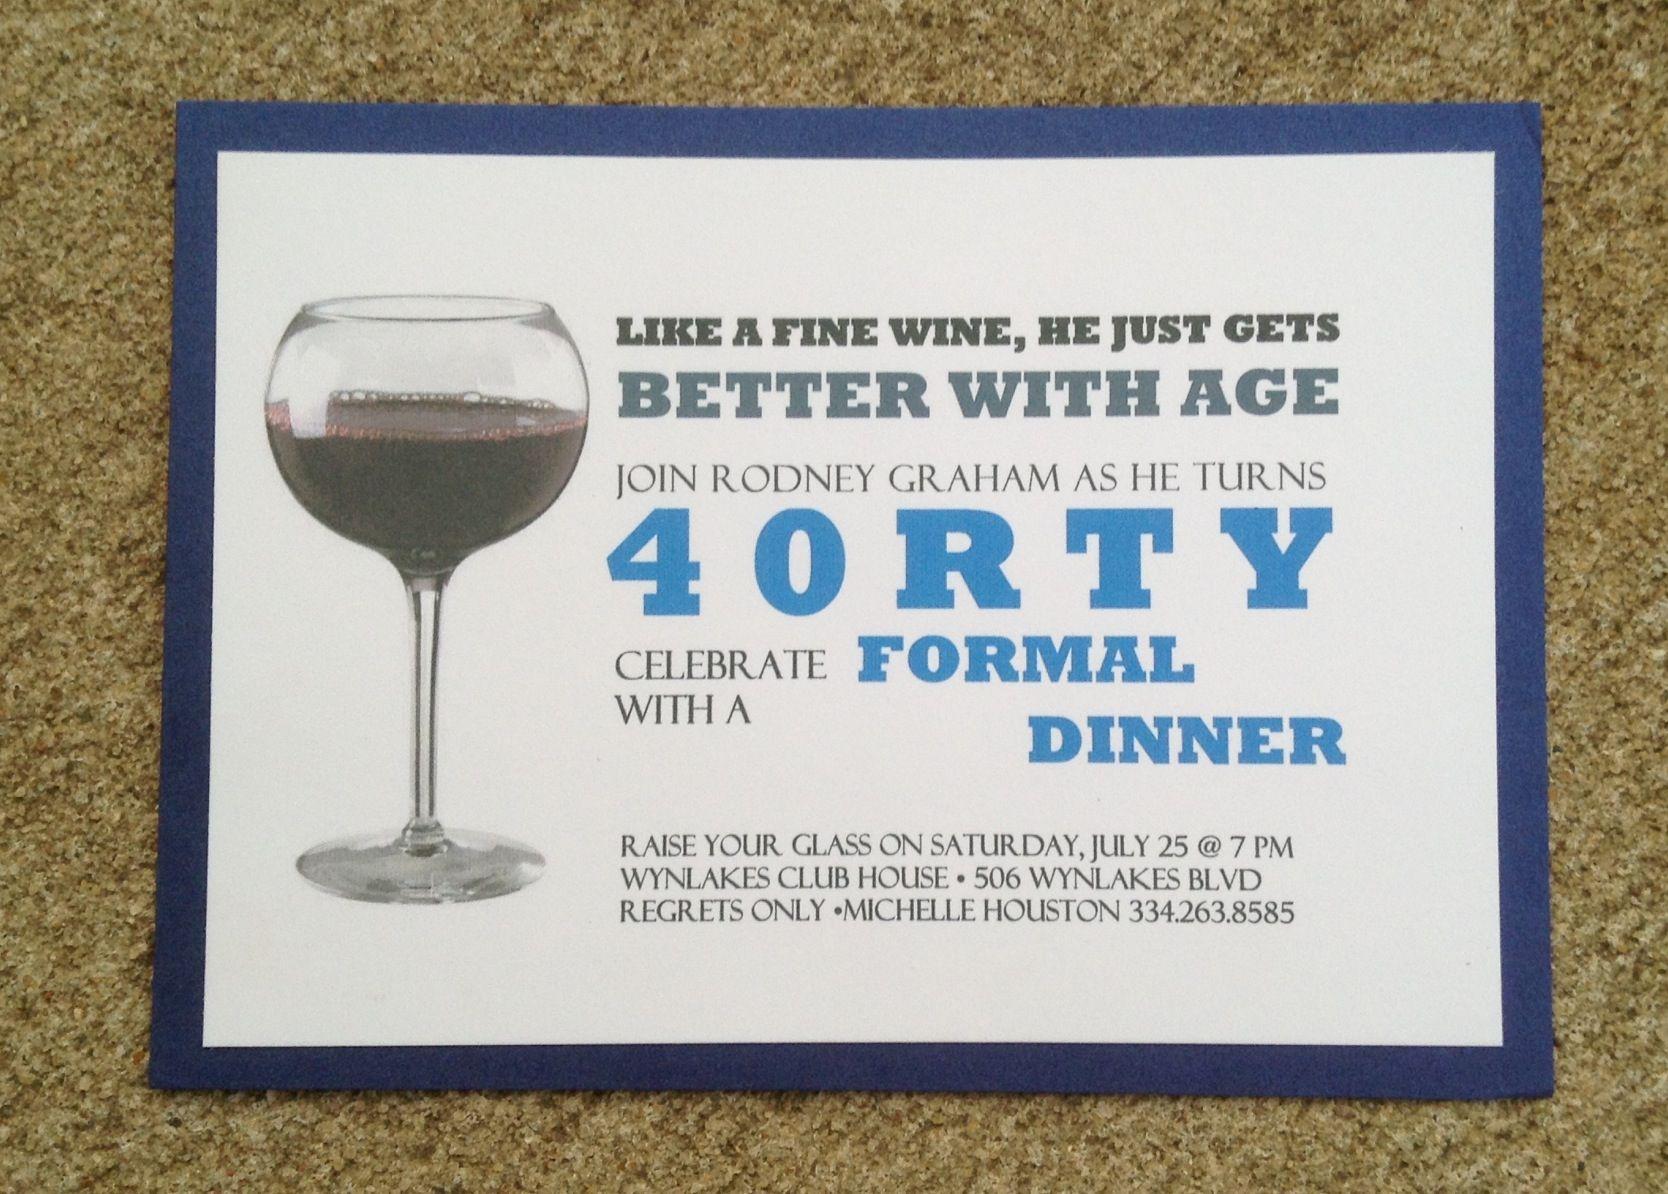 40th birthday invitation | Birthday Invitations | Pinterest | 40 ...